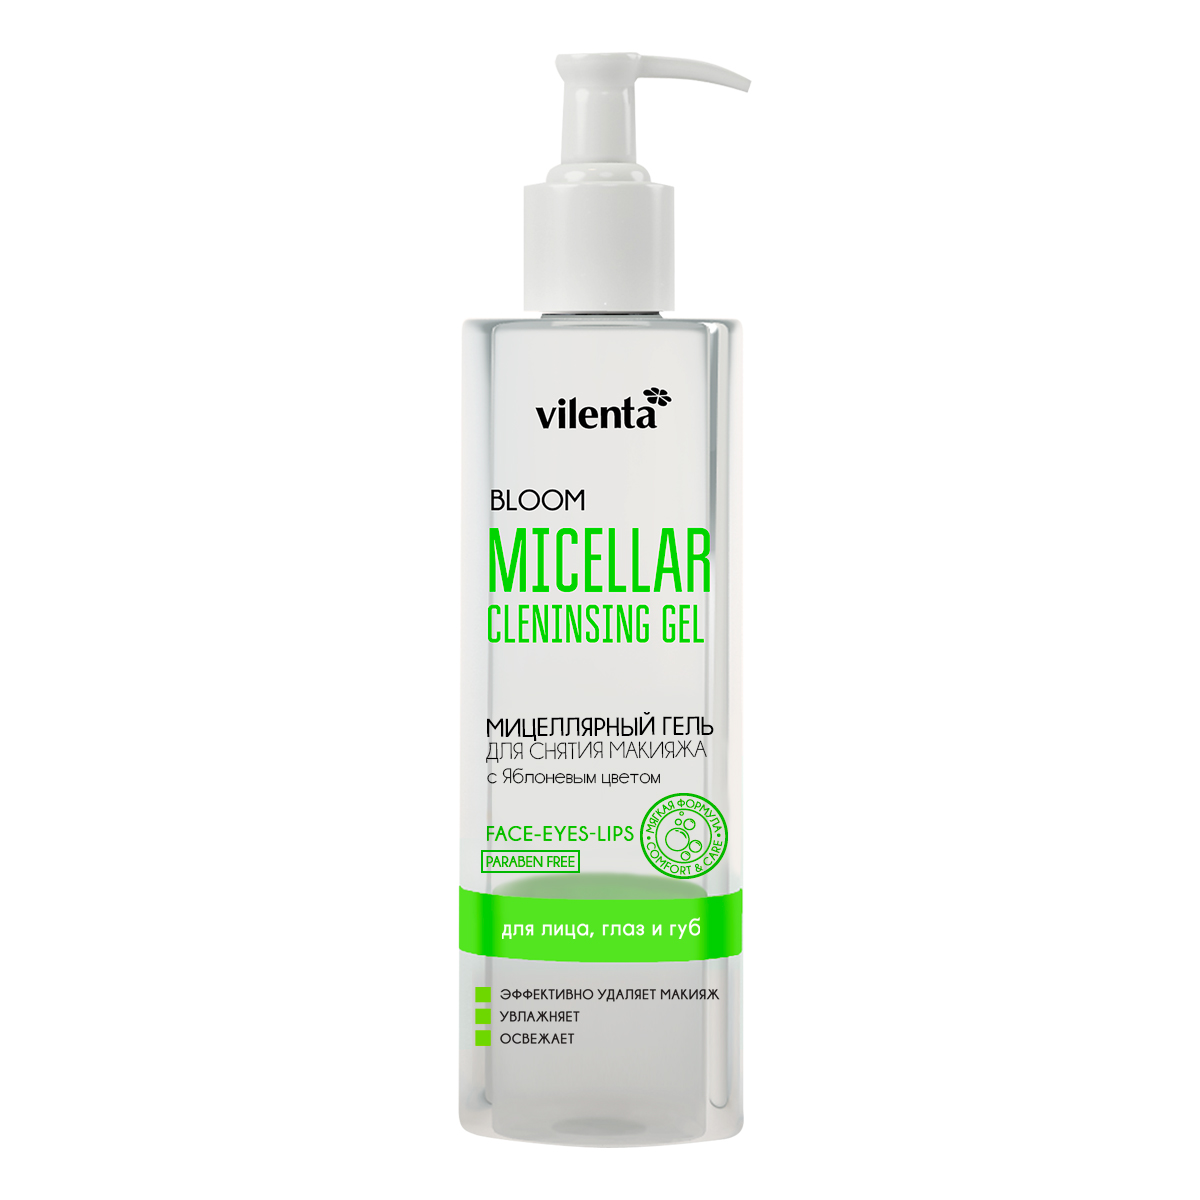 Vilenta Мицеллярный гель для снятия макияжа Bloom, 200 мл5903240869428Мицеллярный гель для губ и чувствительных глаз обеспечивает эффективное снятие макияжа без раздражения. Его освежающая гелевая текстура успокоит и увлажнит нежную кожу вокруг глаз. Эффективно удаляет макияж и очищает кожу. Идеально подходит для очищения кожи после косметического пилинга или чистки.